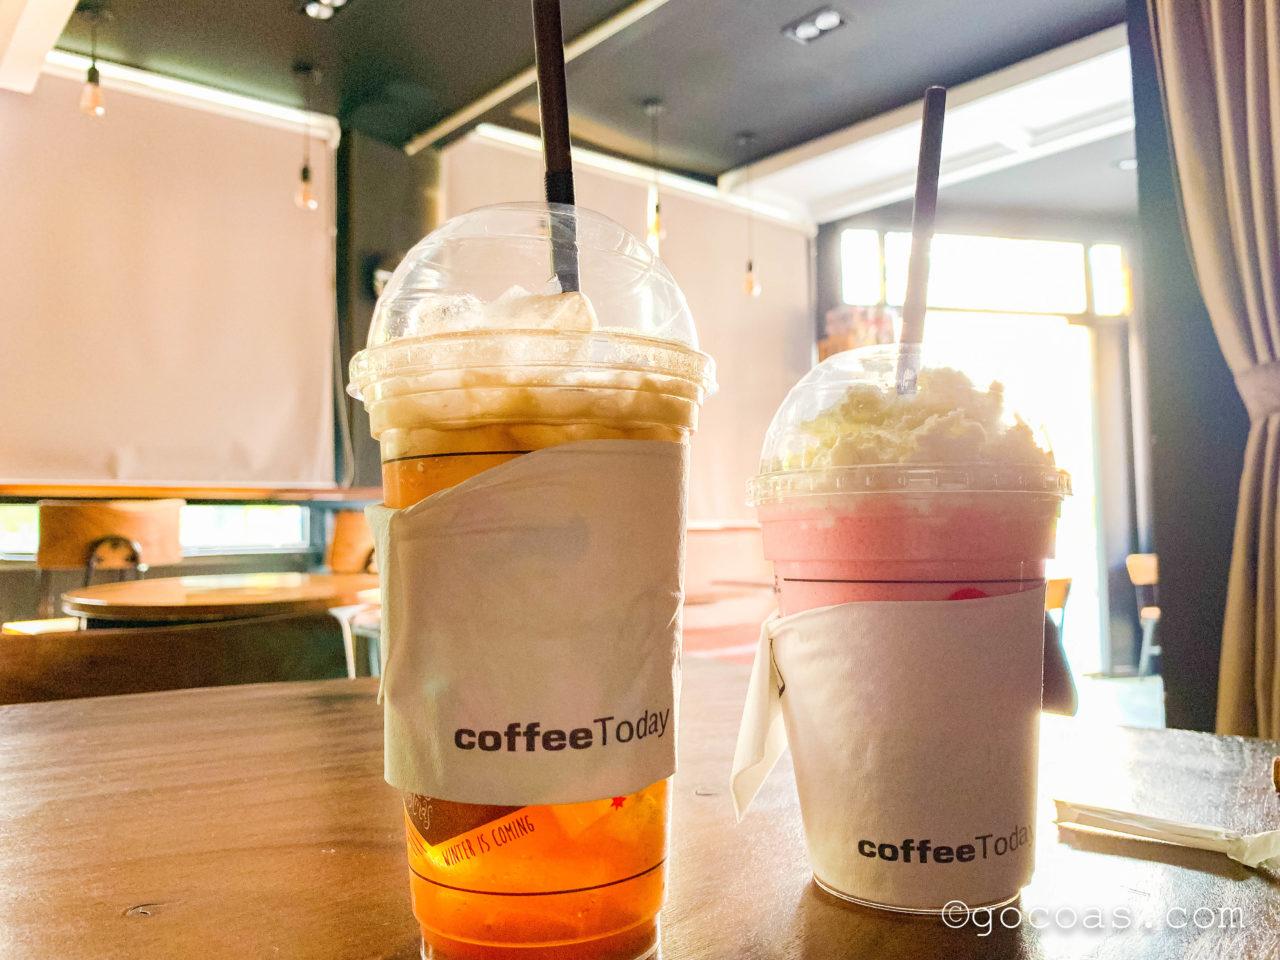 コーヒーTodayの2つのドリンク